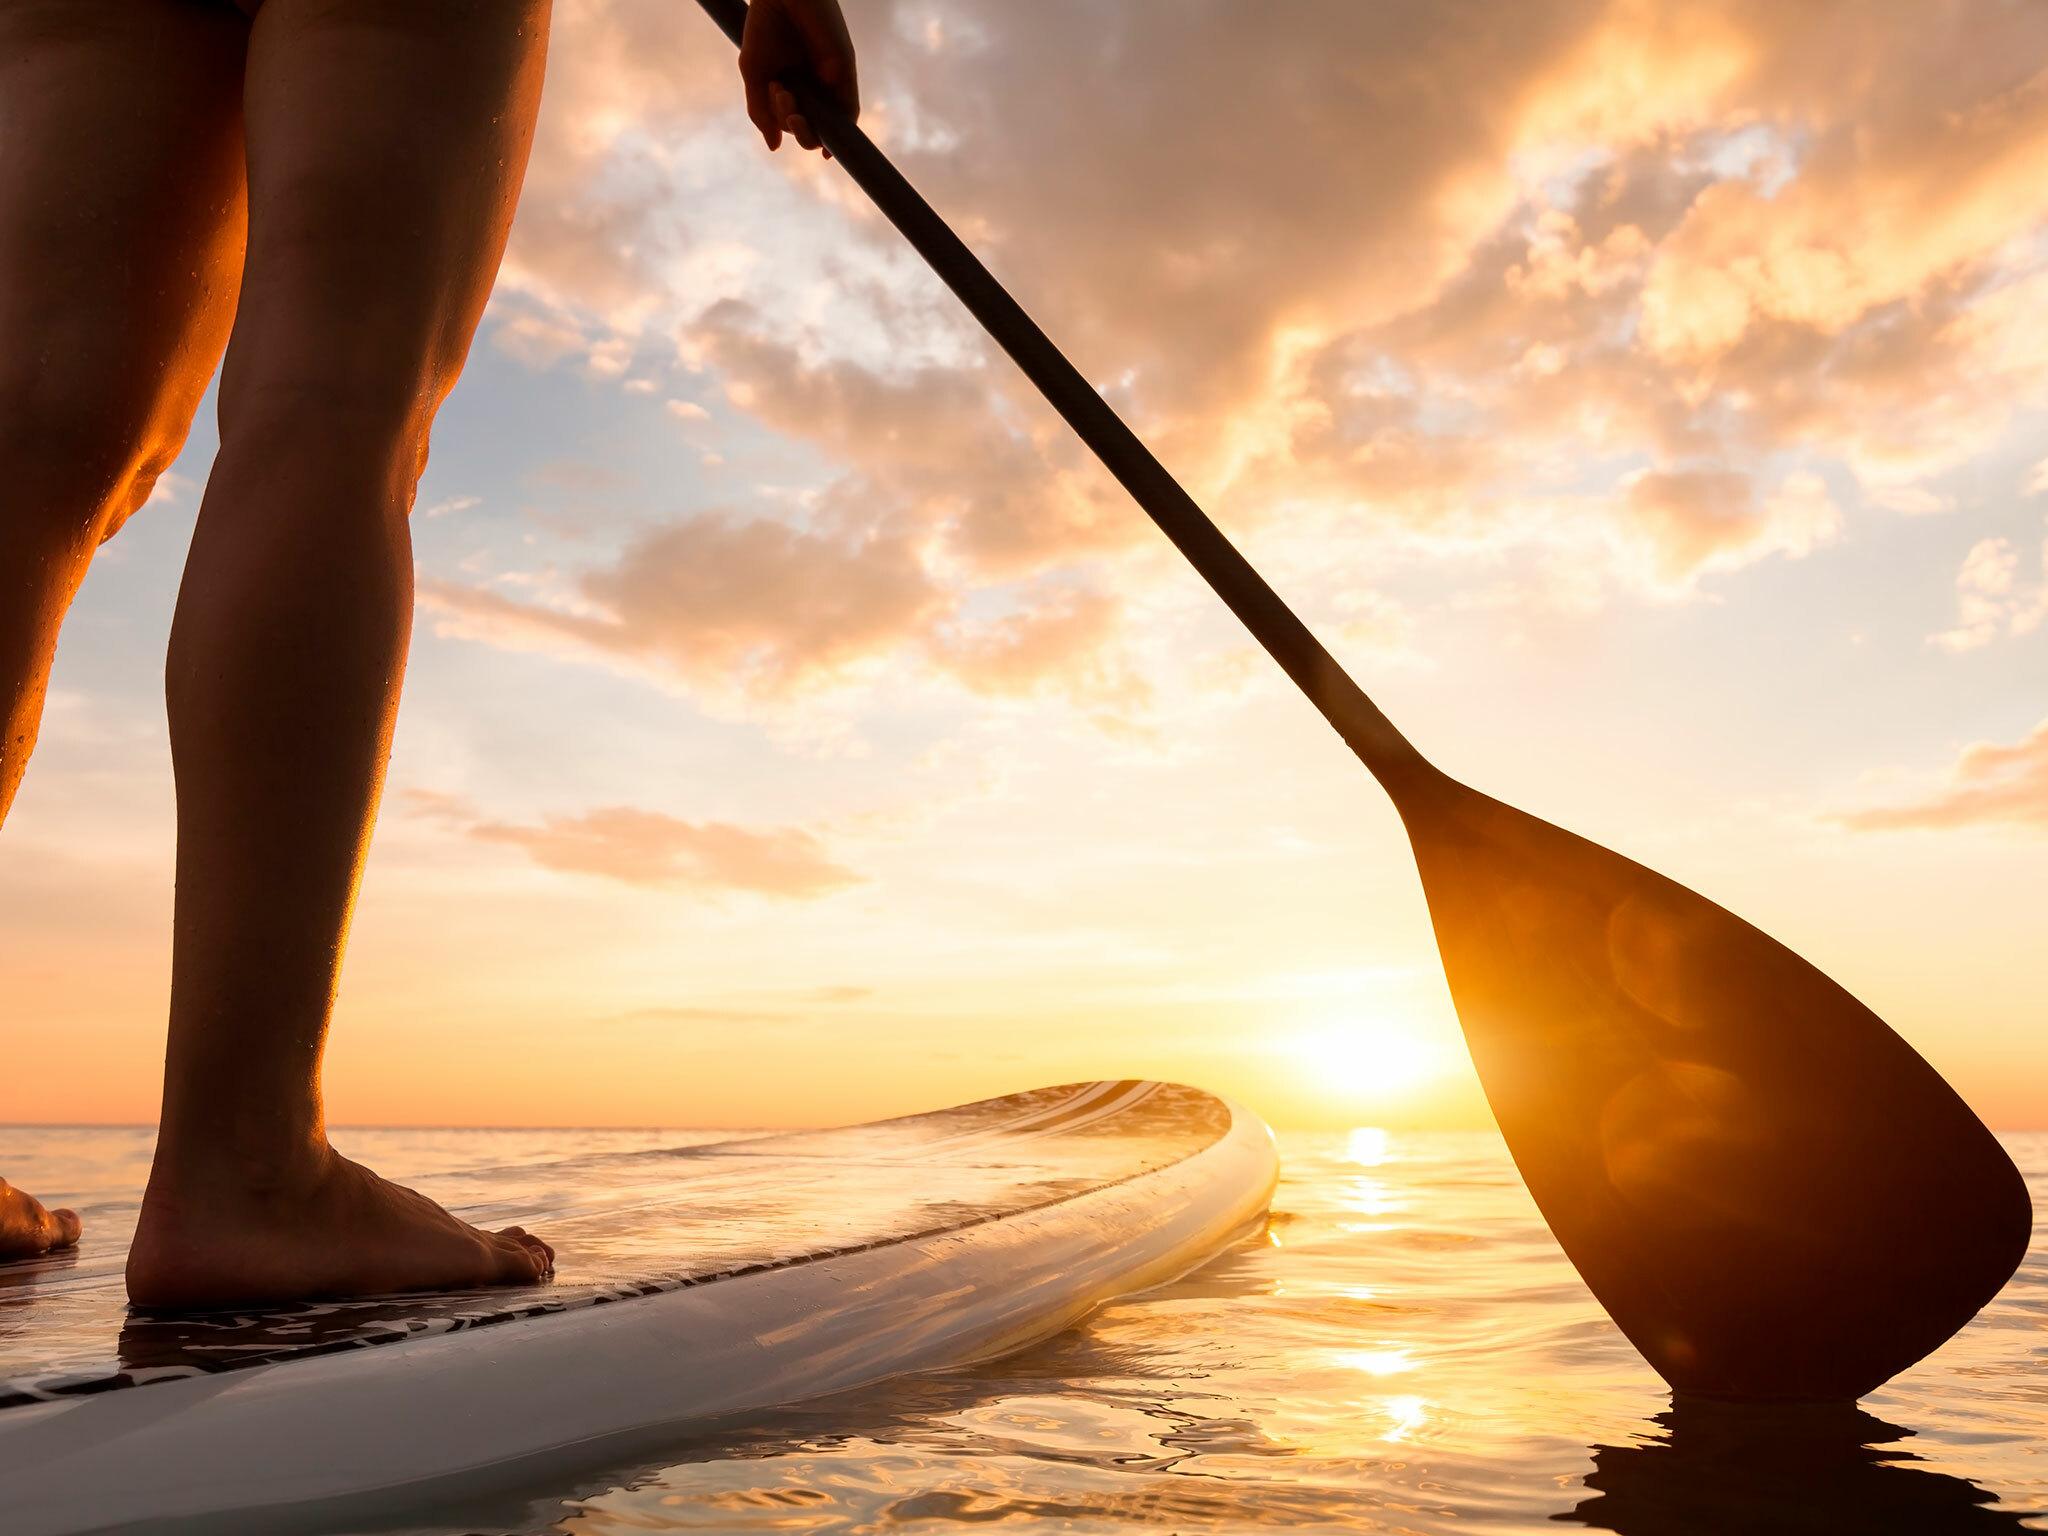 Stand-up paddle boarding at Padang Padang